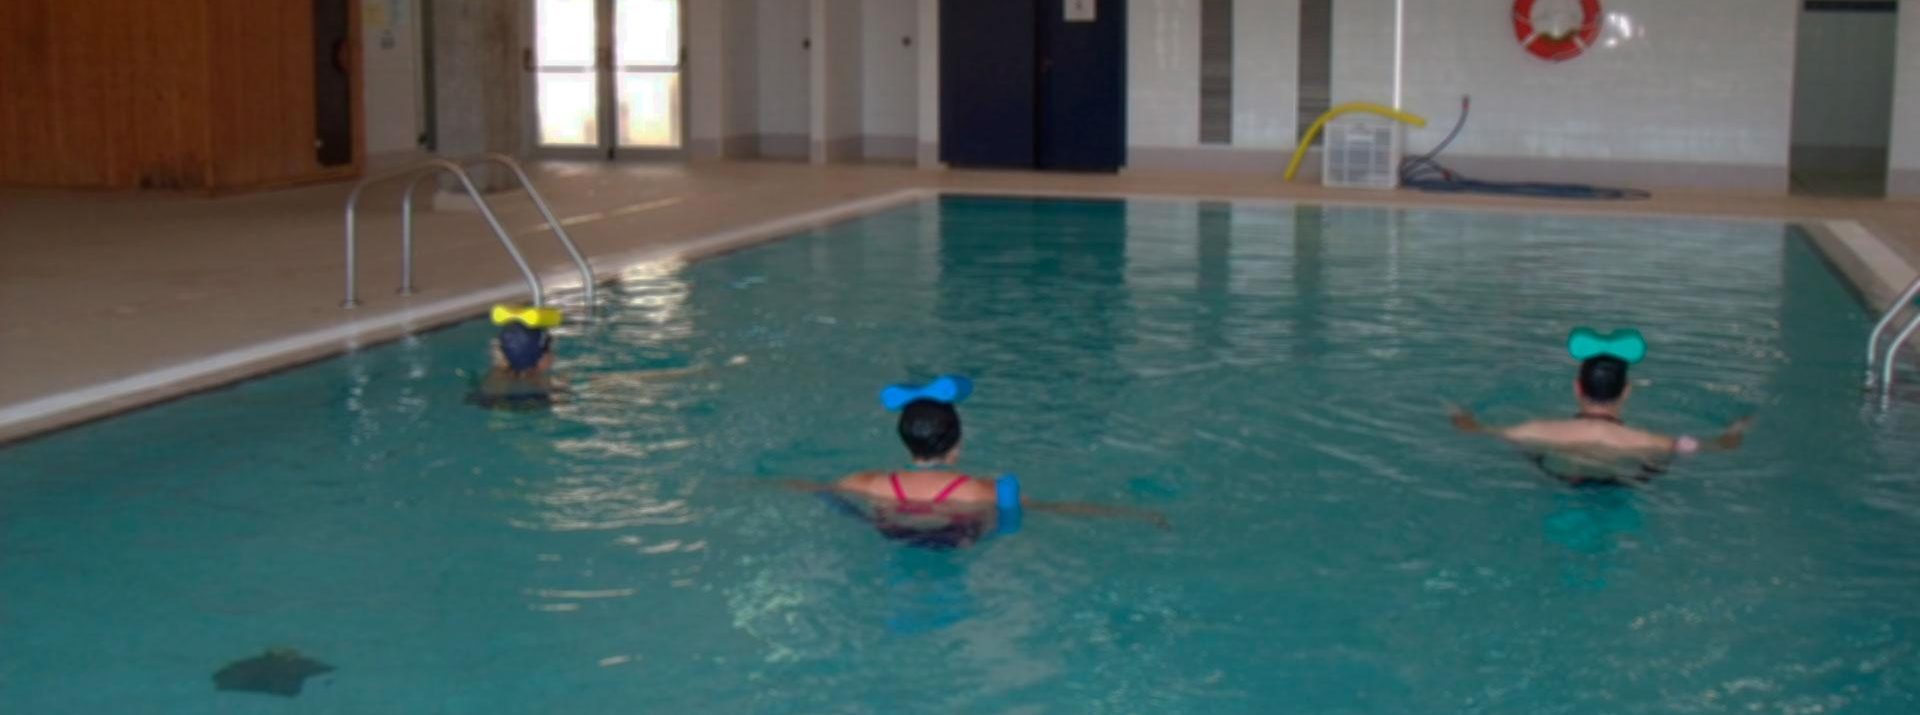 Therapeutic Swimming, Pregnant, Children, Aqua Health...